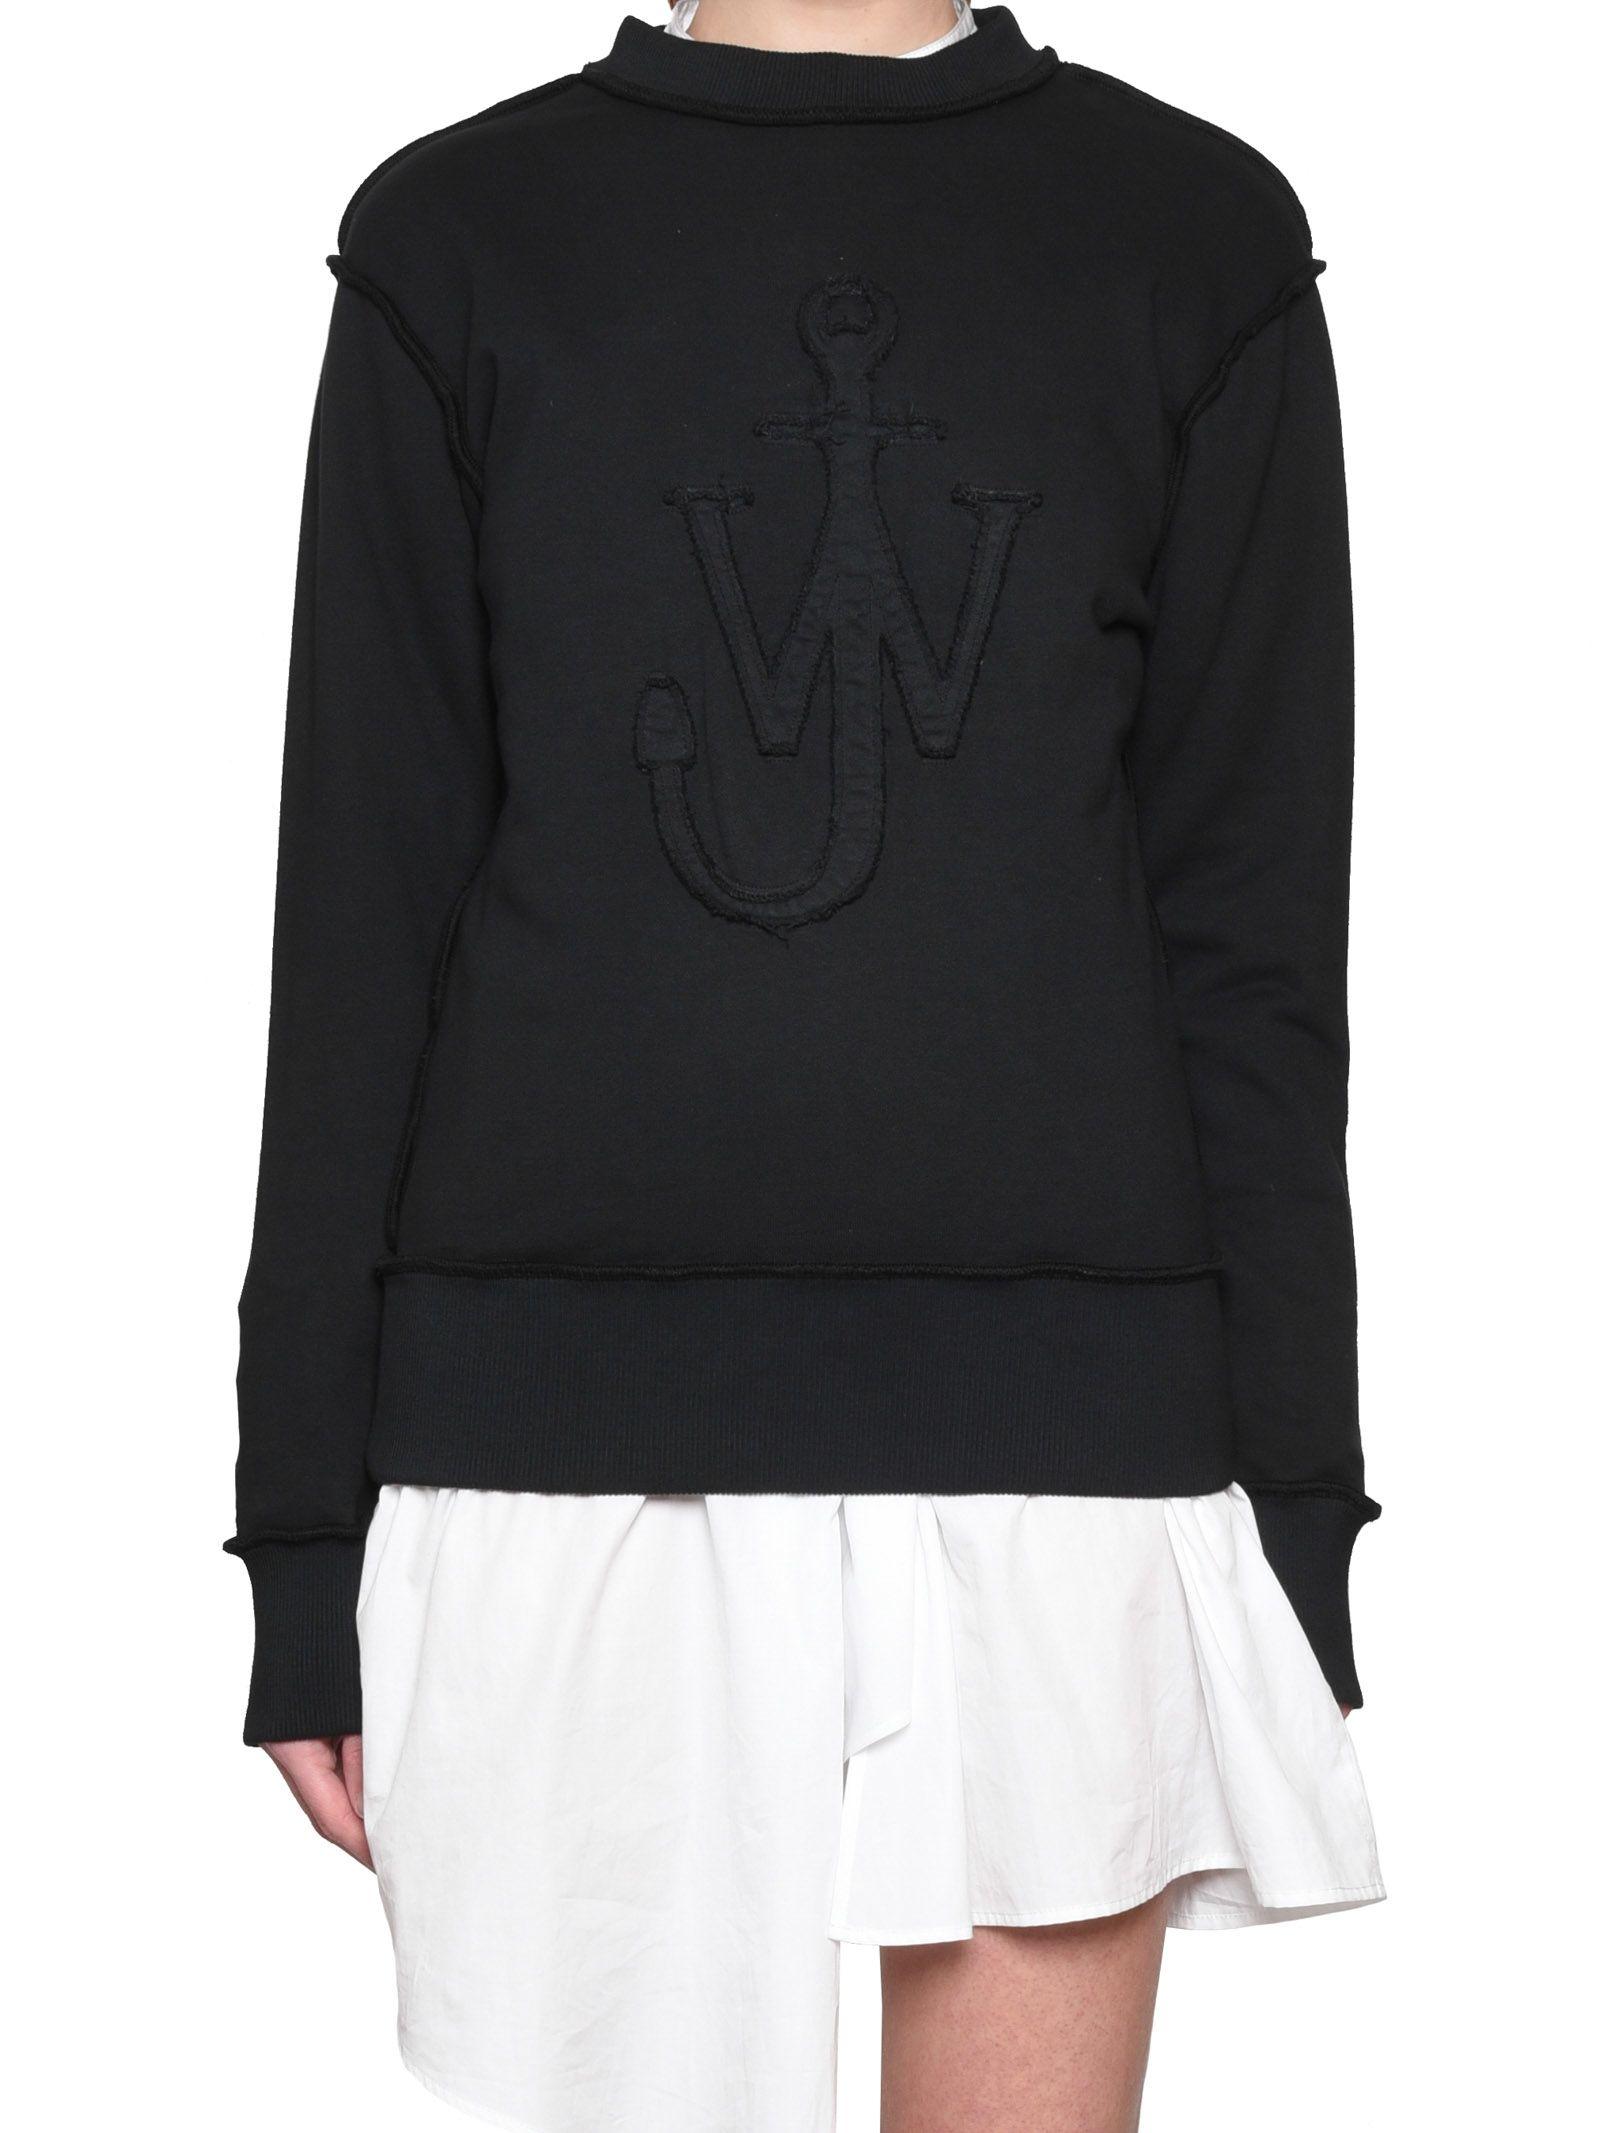 J.w. Anderson Sweatshirt